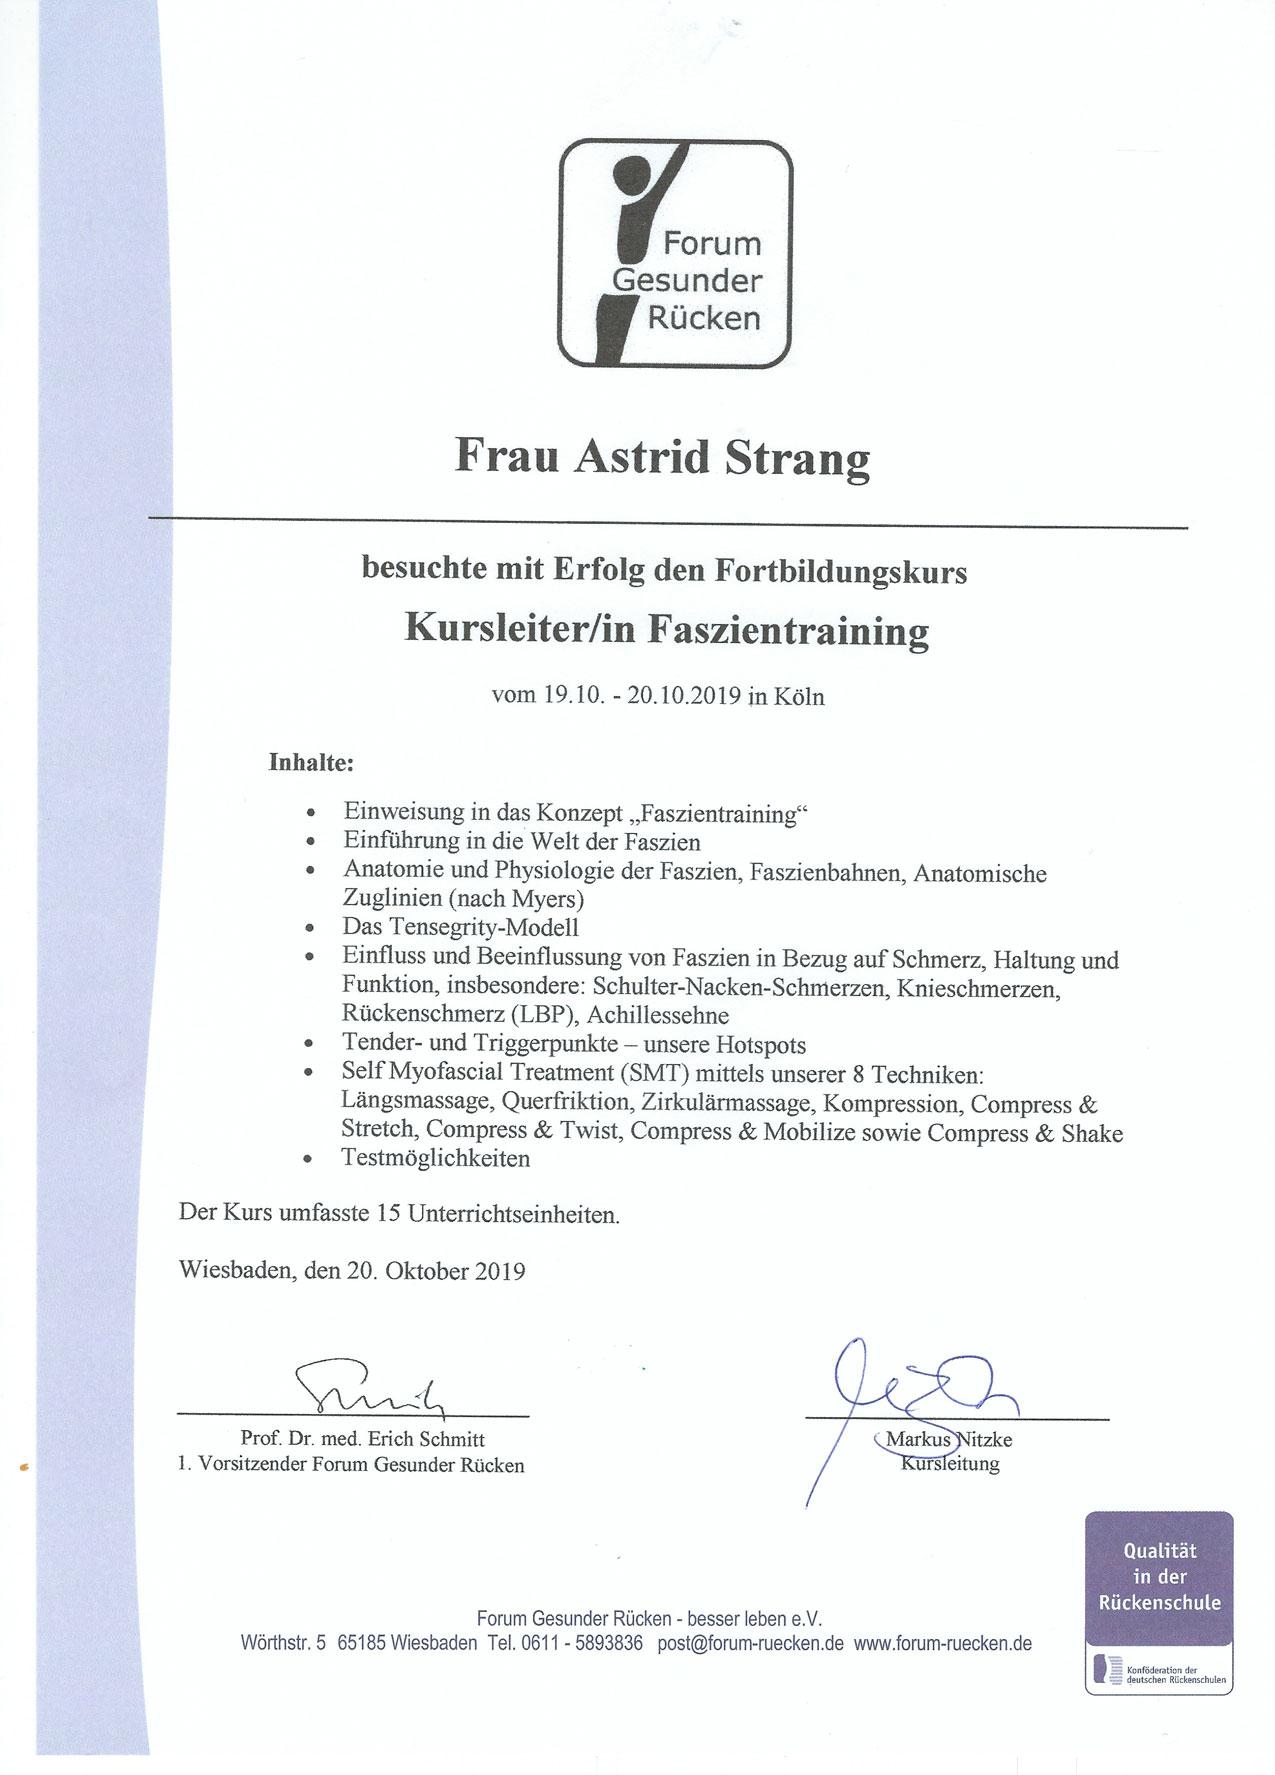 Qualifikation und Nachweis der Physiotherapie Praxis mensana•med in Köln für den Bereich der Bewegungstherapie.